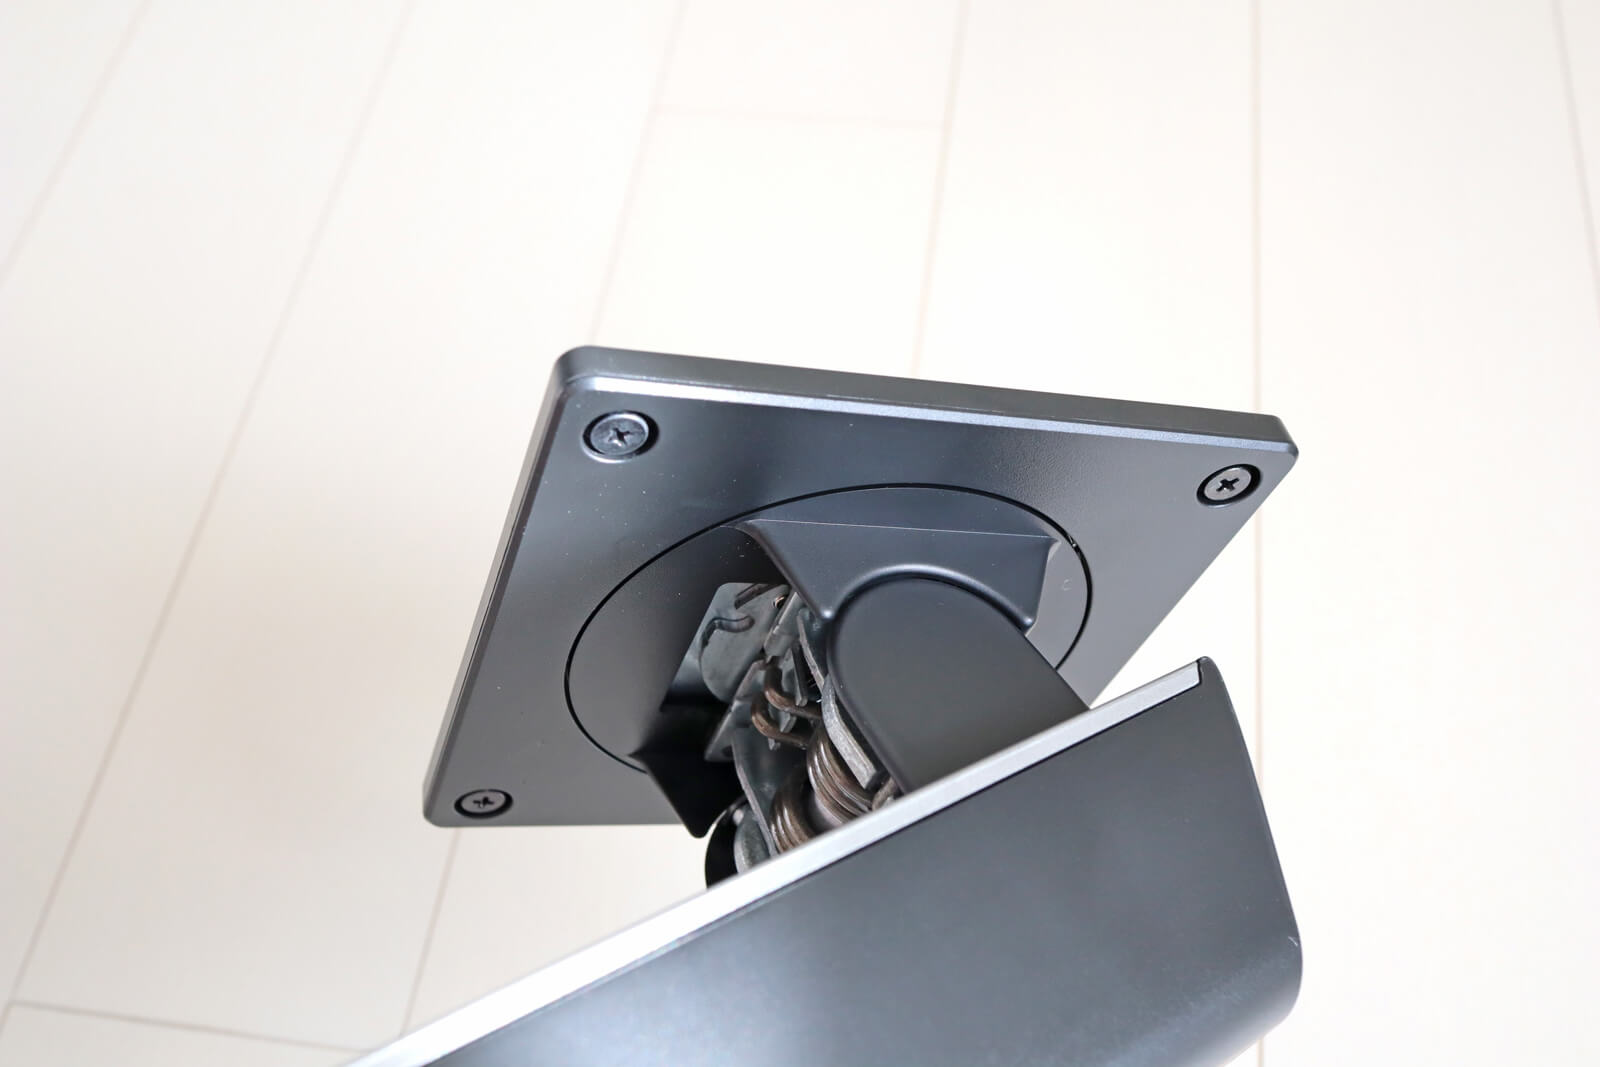 モニターは回転可能で縦置き・横置きどちらでもOK